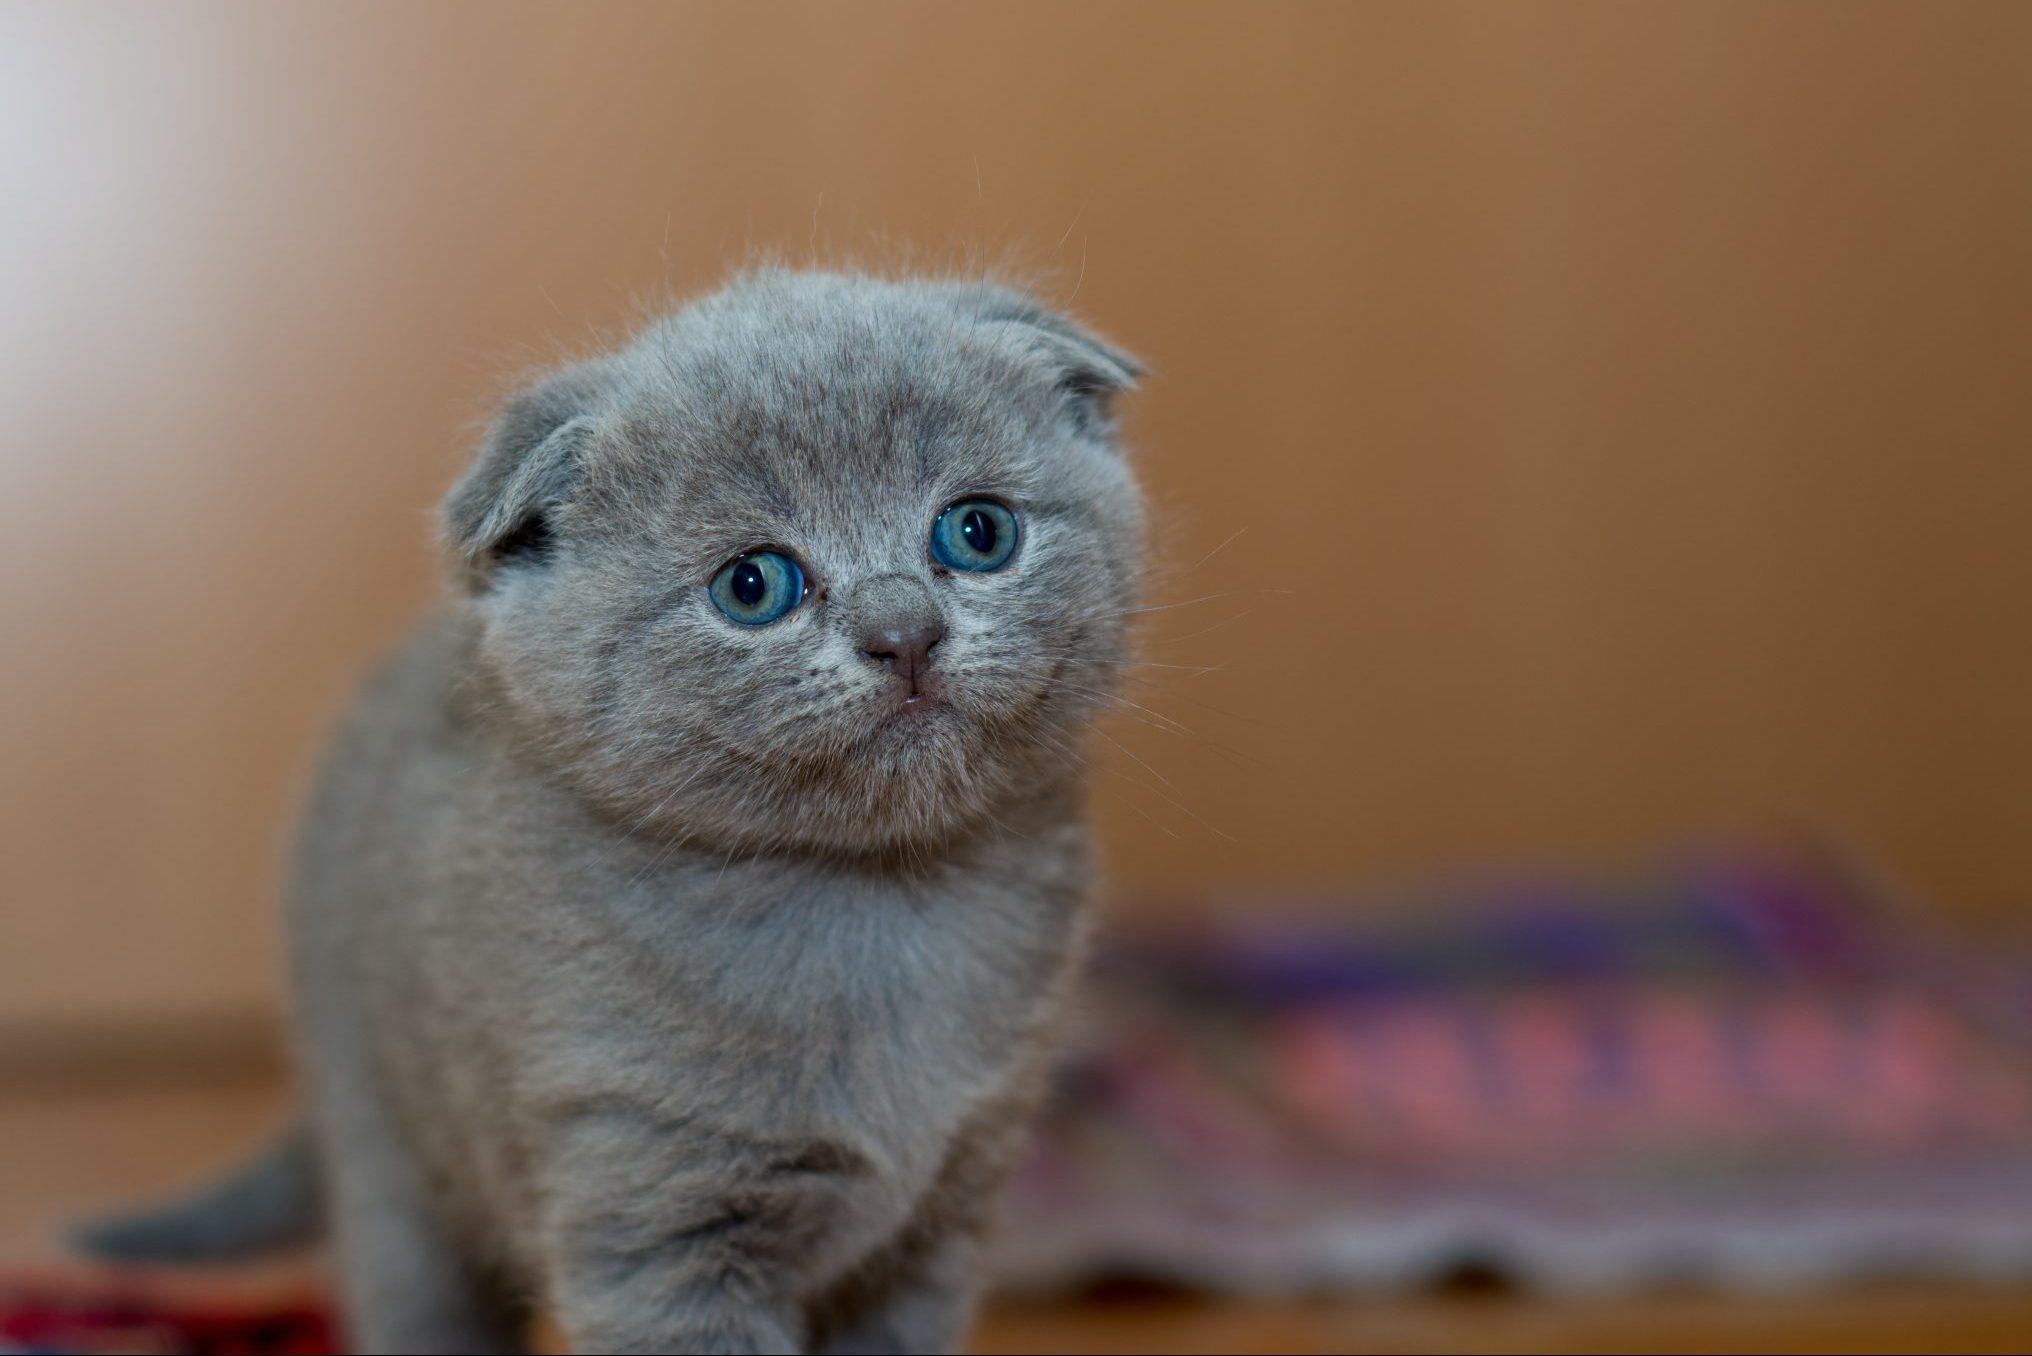 短頭種の猫では歯の異常が多い!:ペルシャ猫とエキゾチックショートヘアの調査